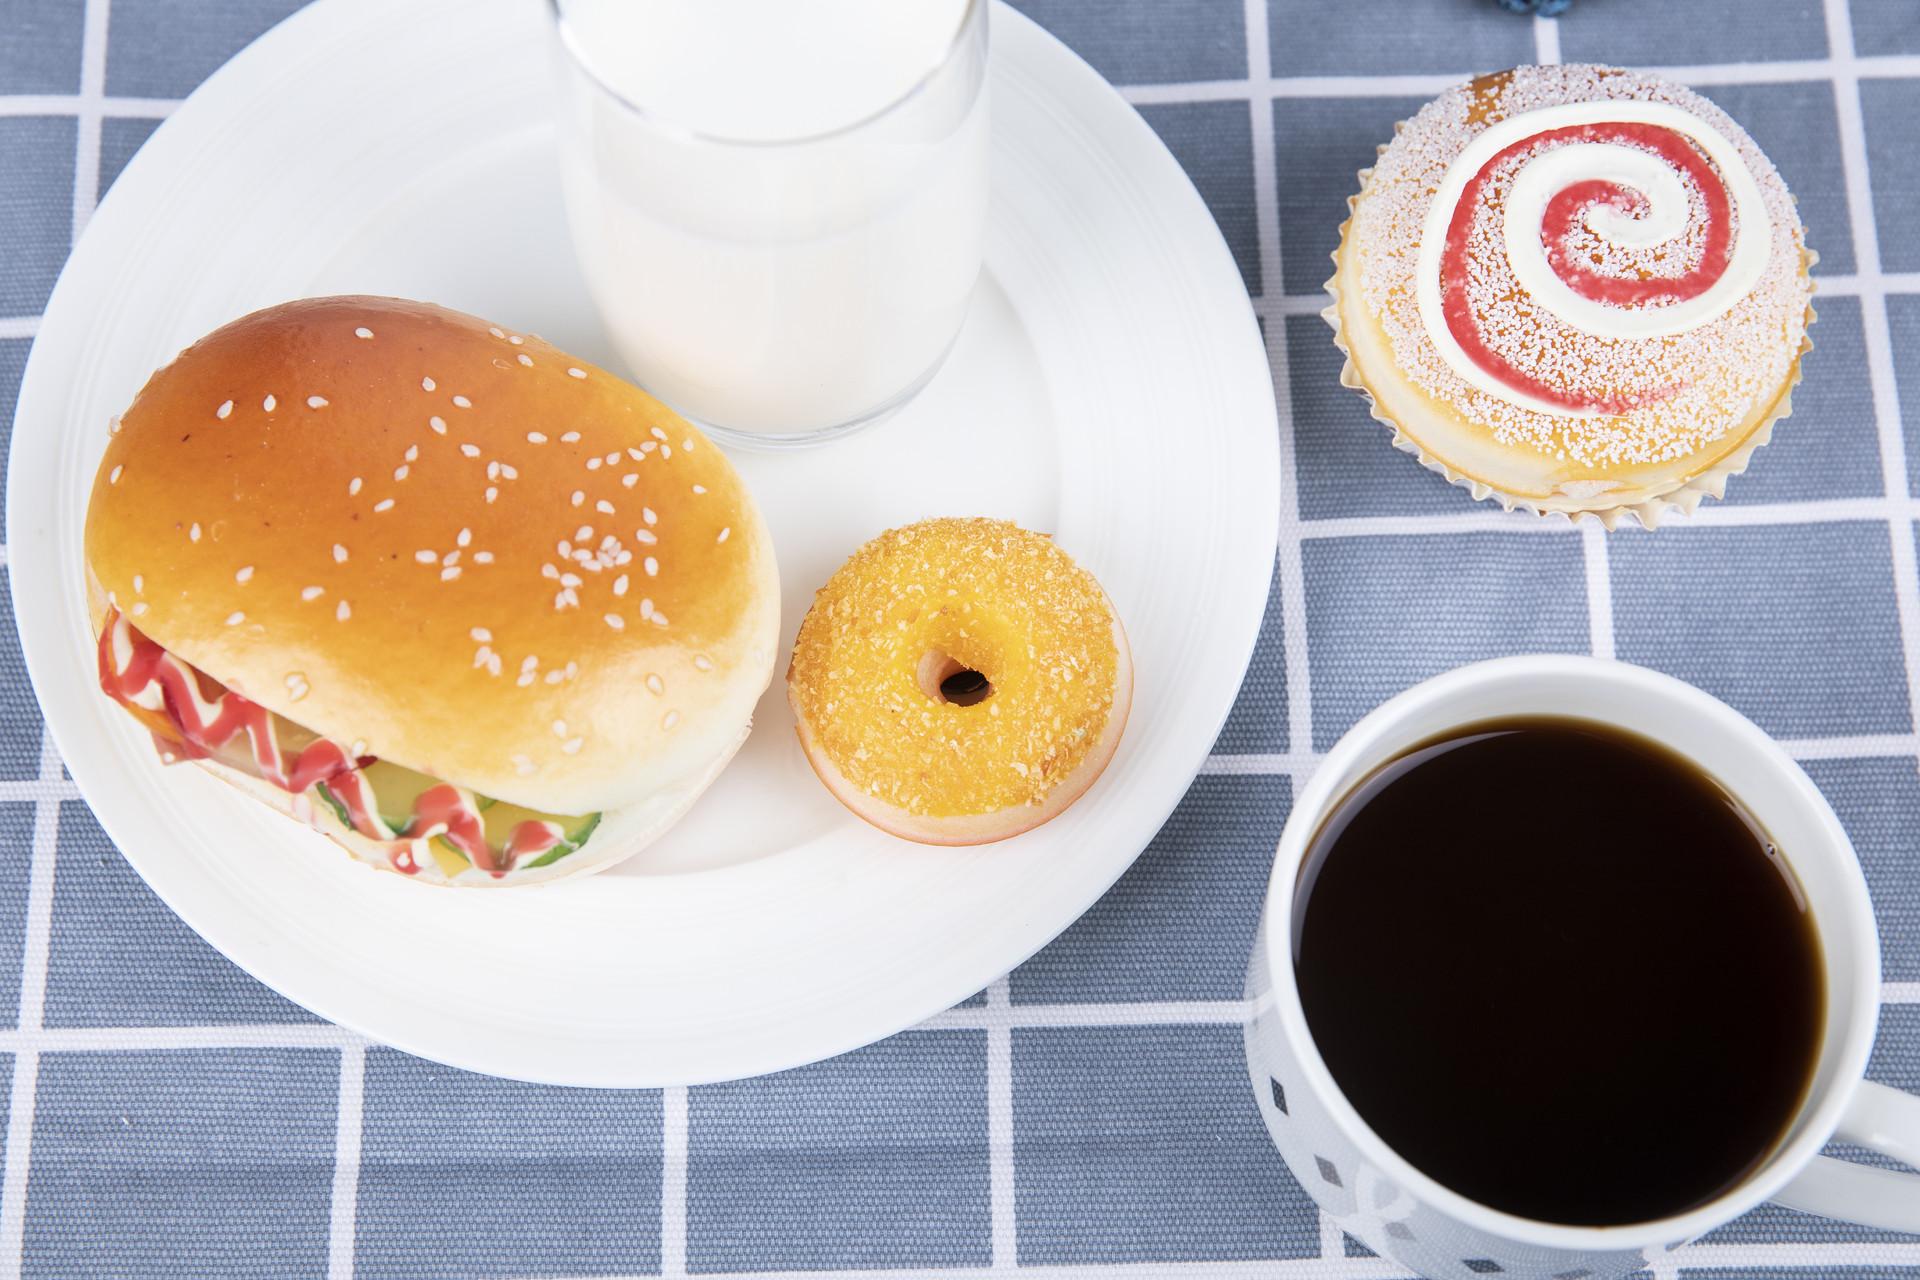 早餐是非常重要的,健康早餐长什么样